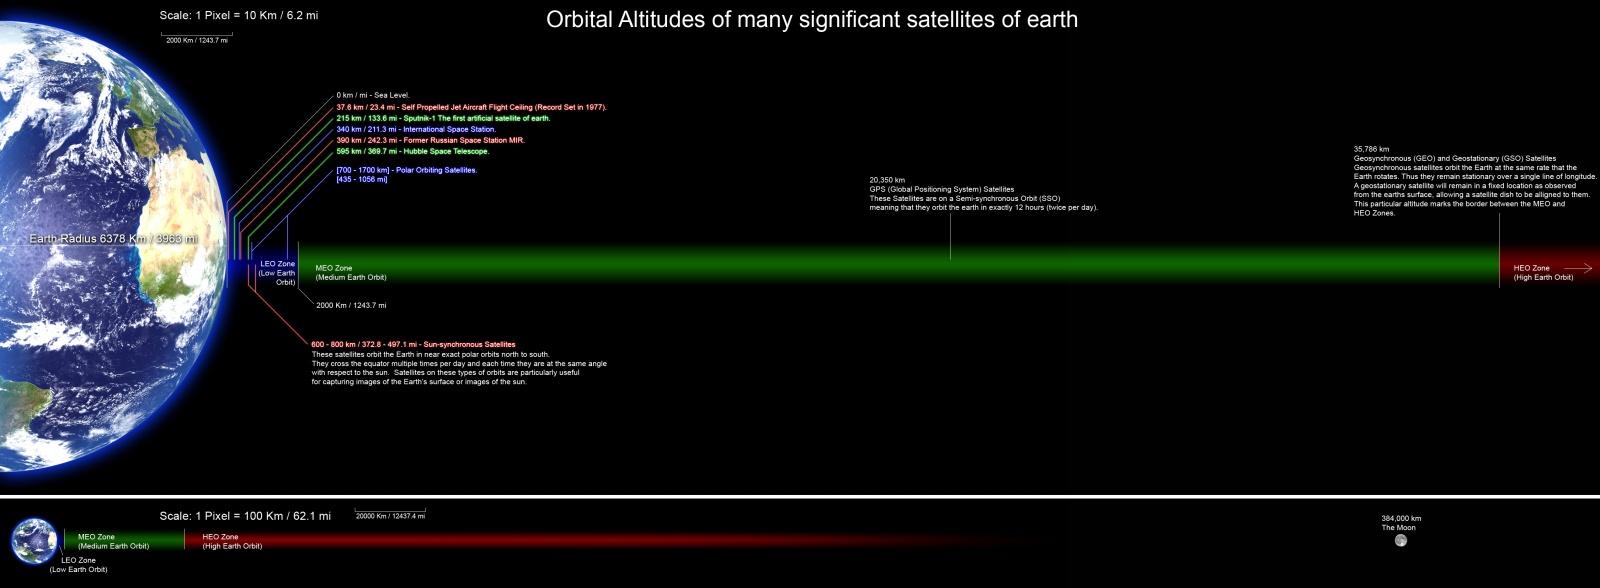 Целимся и общаемся со спутниками: Часть первая — целимся программно - 5